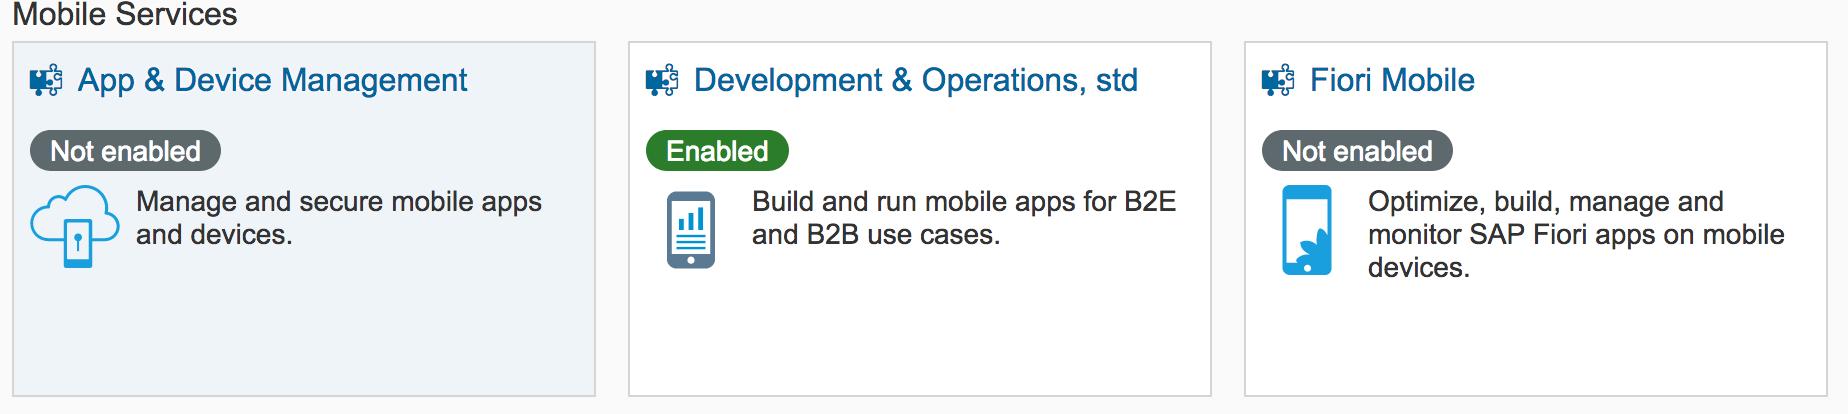 SAP Cloud Platform Mobile Services : REST API Application Development